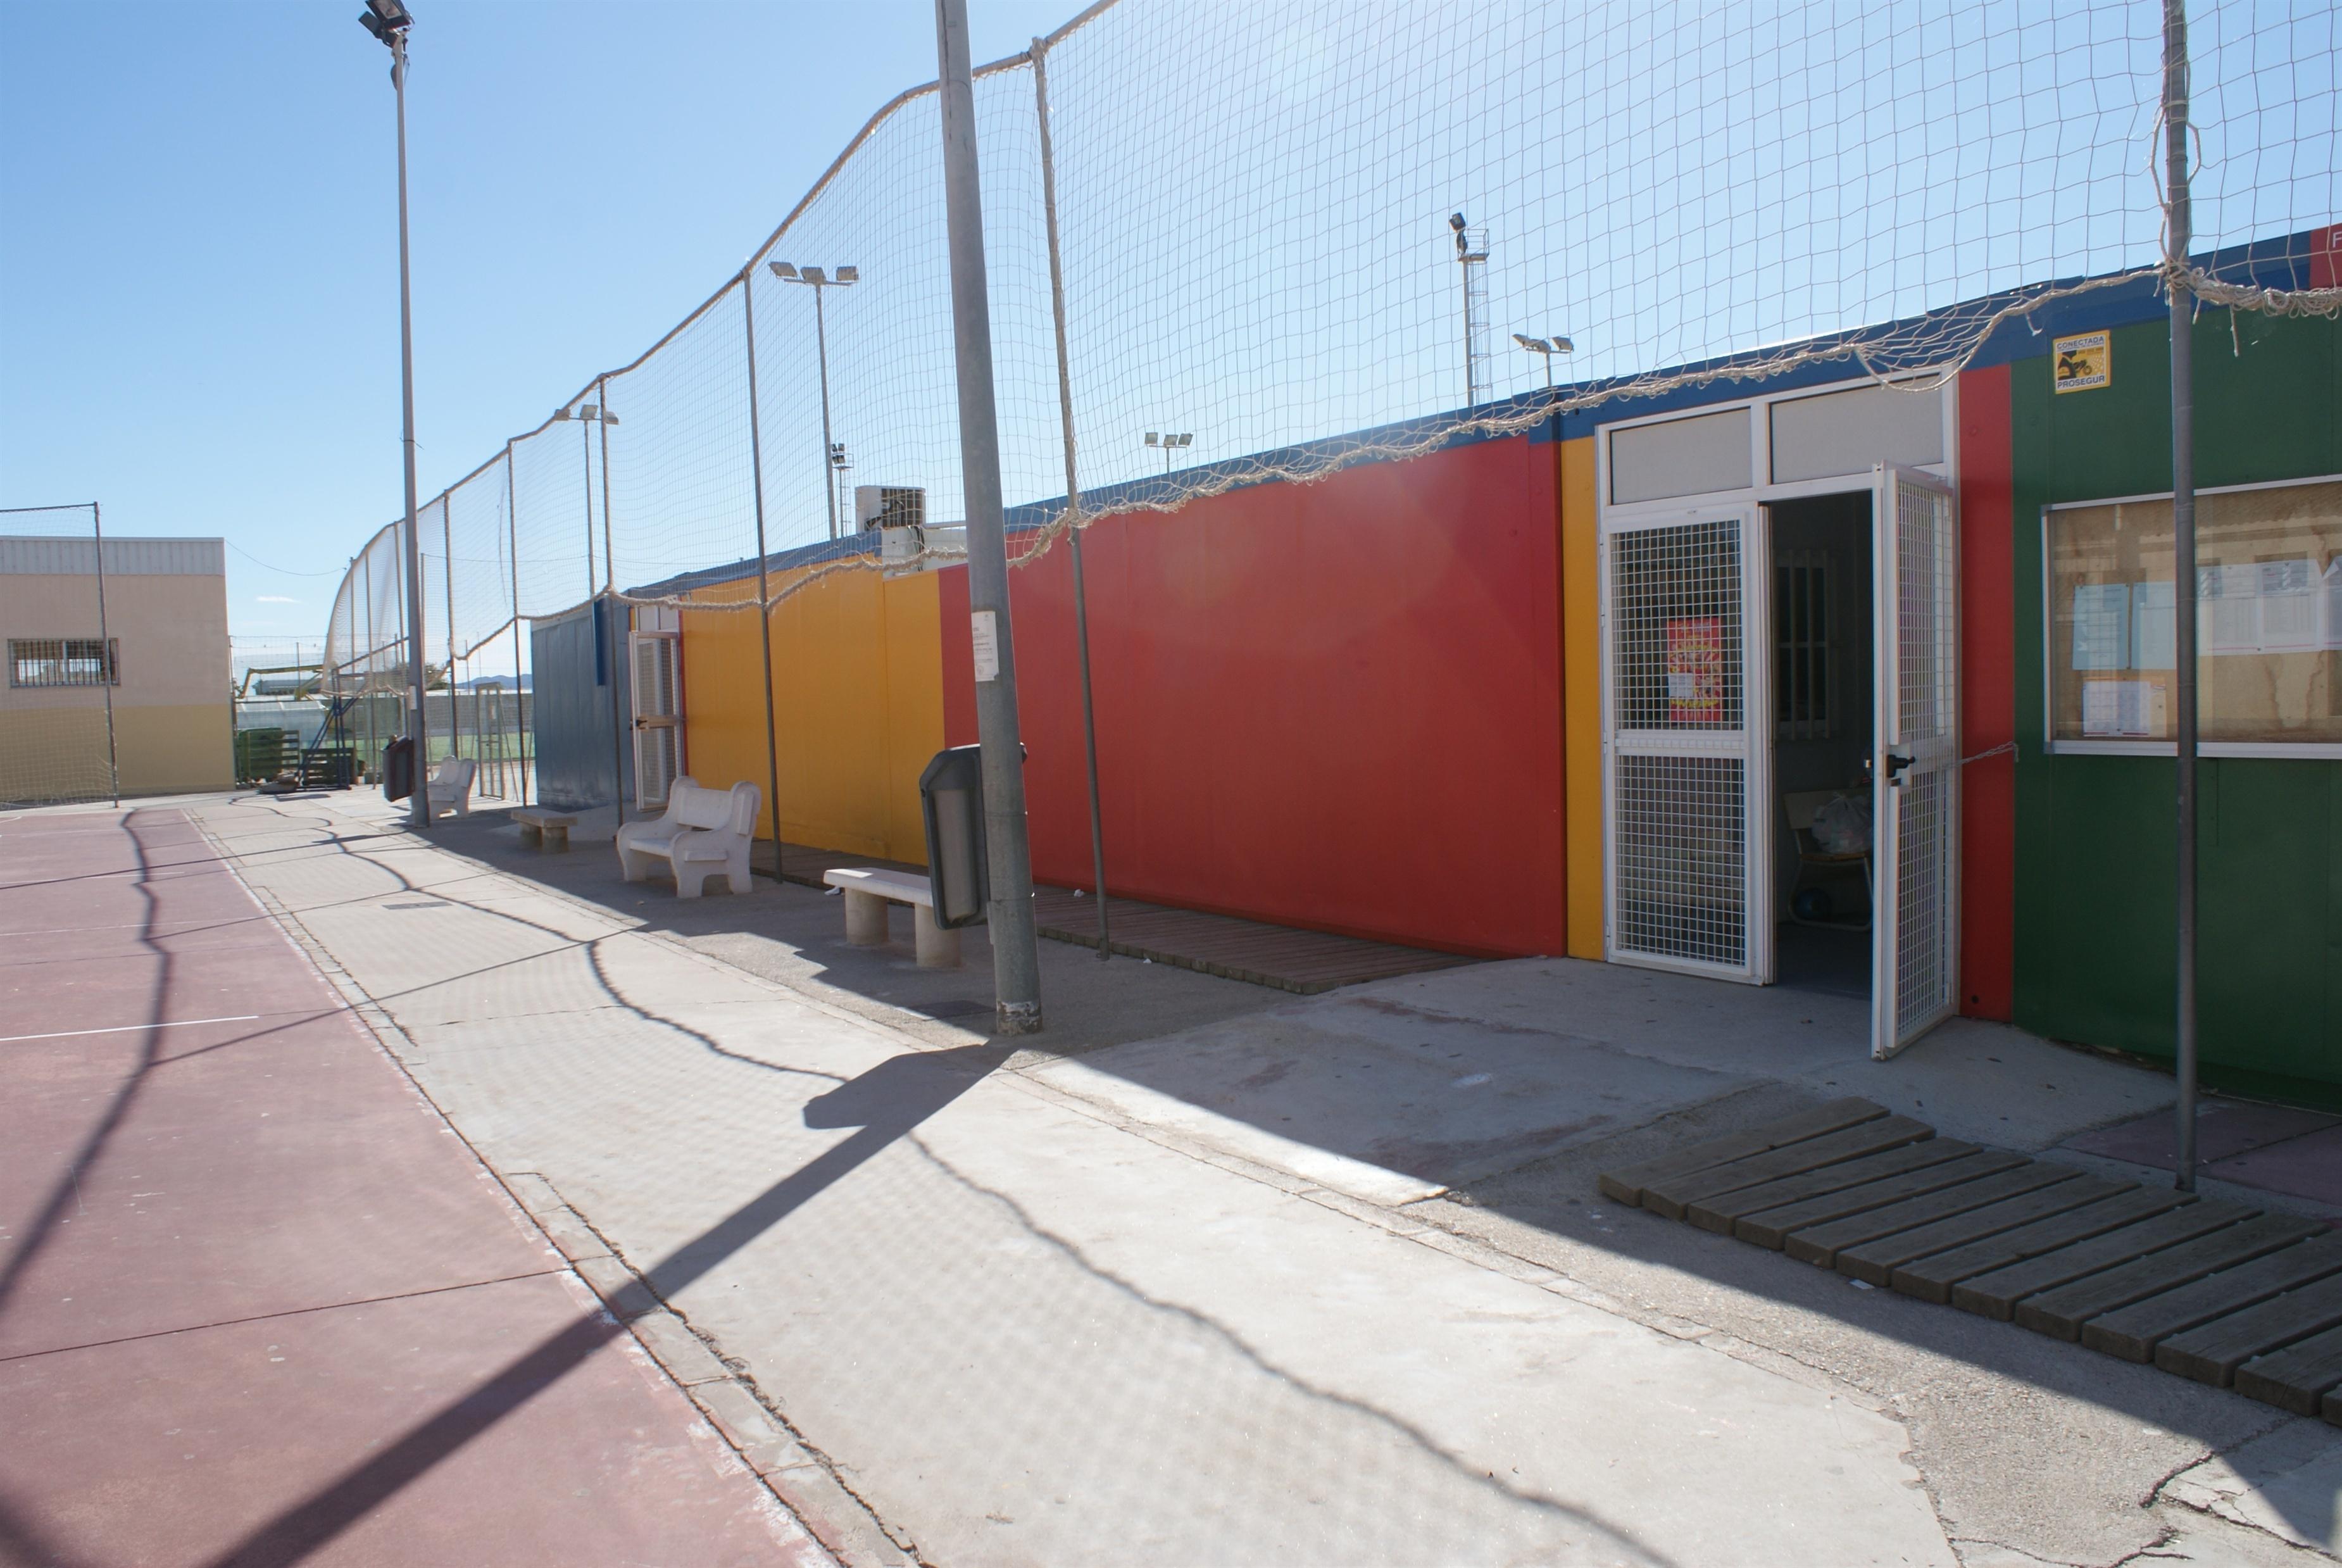 Padres del CEIP El Perelló denuncian daños en el mobiliario y goteras por el «mal estado de los barracones»